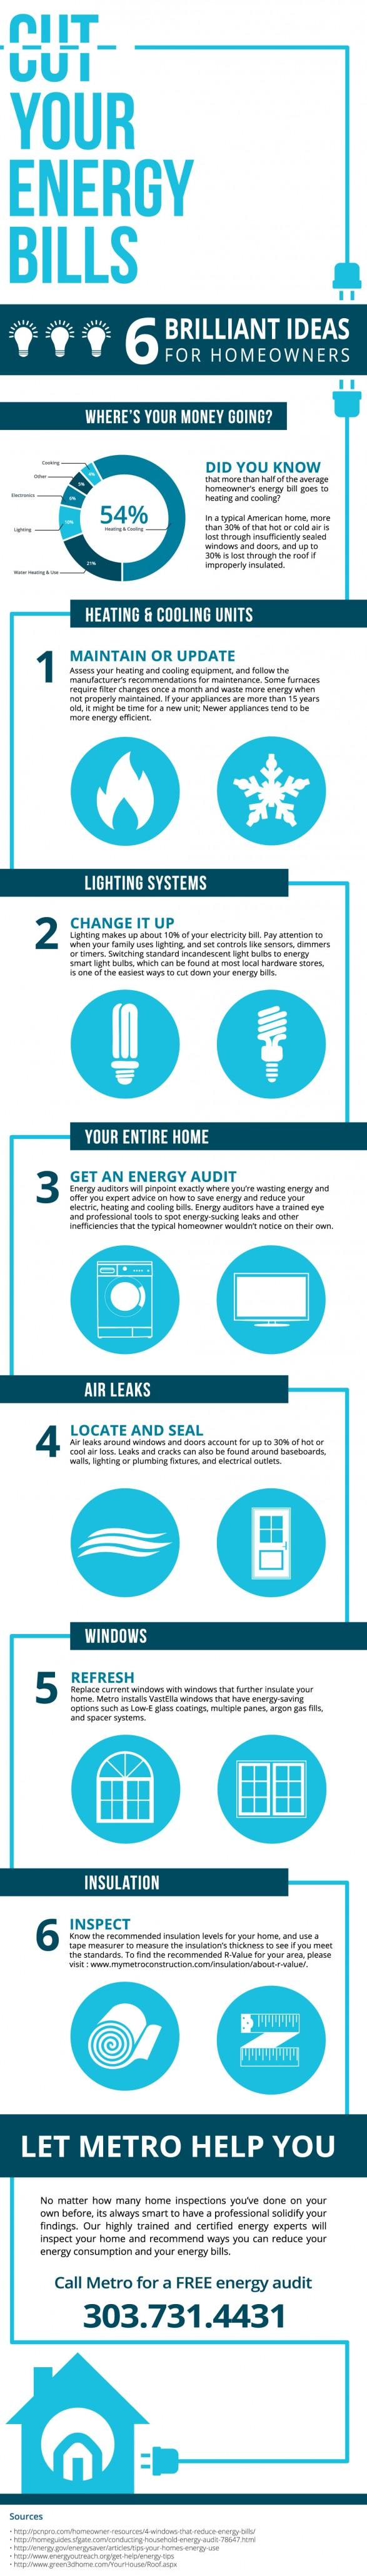 6 Brilliant Ways to Cut Energy Bills